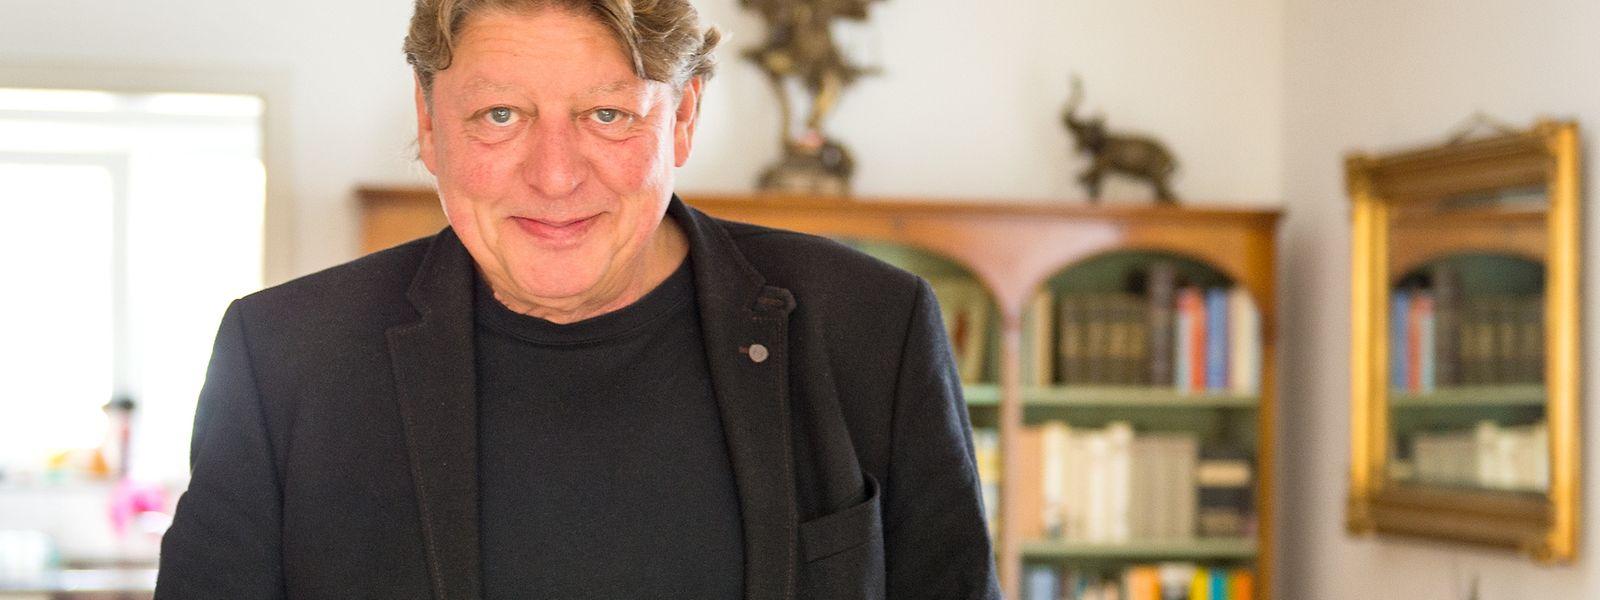 Walter Freiwald im Jahr 2015 bei einem Interview in seinem Haus in Nordrhein-Westfalen.